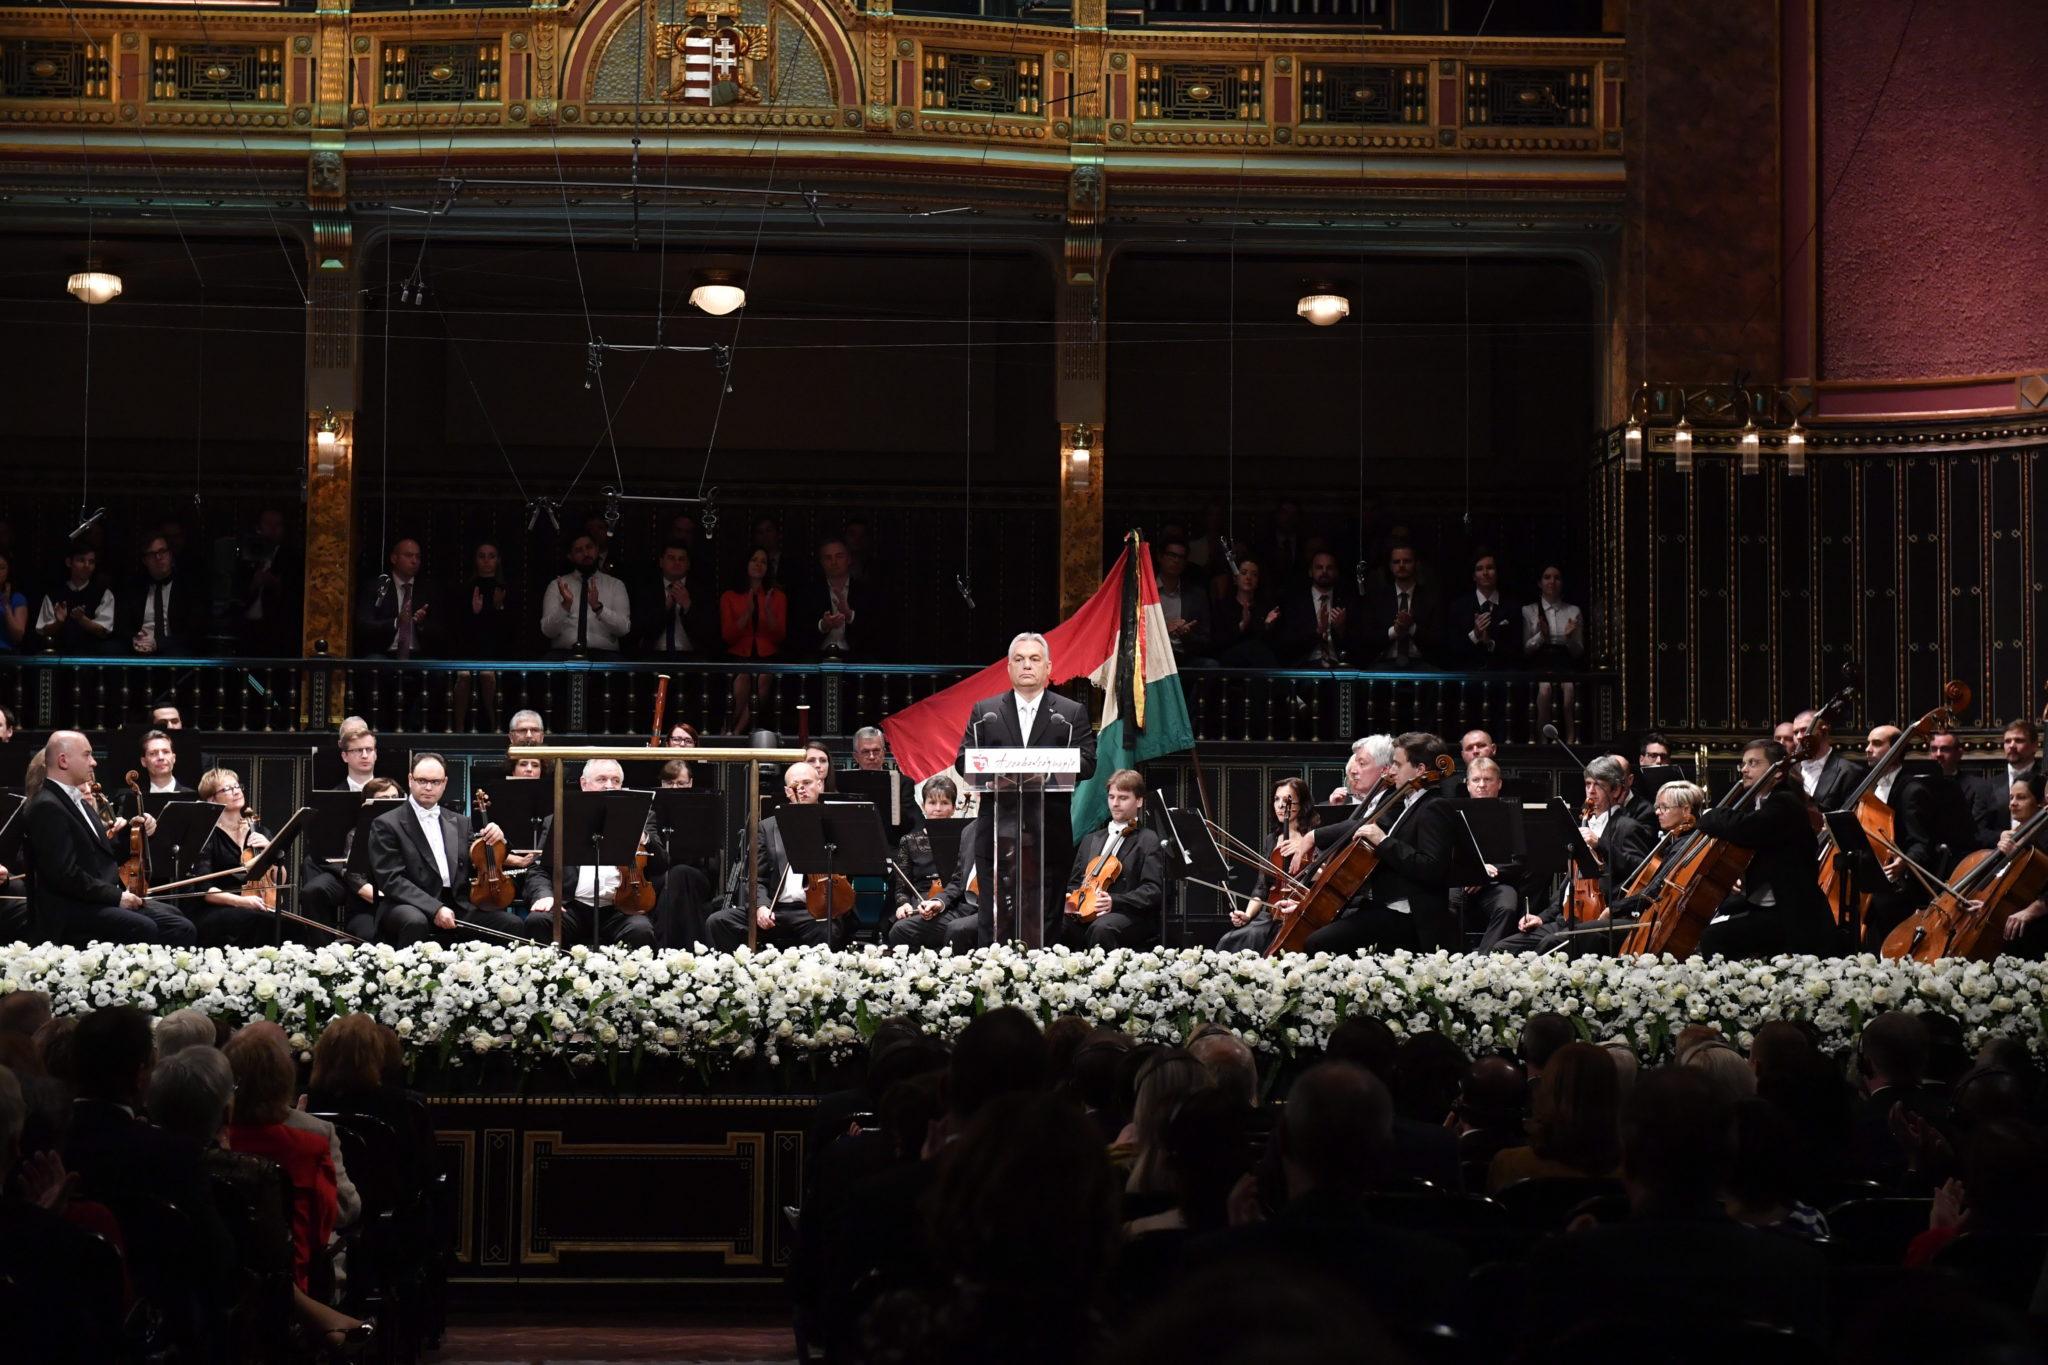 Węgry: Premier Viktor Orban zainicjował obchody 63 rocznicy powstania na Węgrzech. fot. EPA/Zoltan Mathe  Dostawca: PAP/EPA.